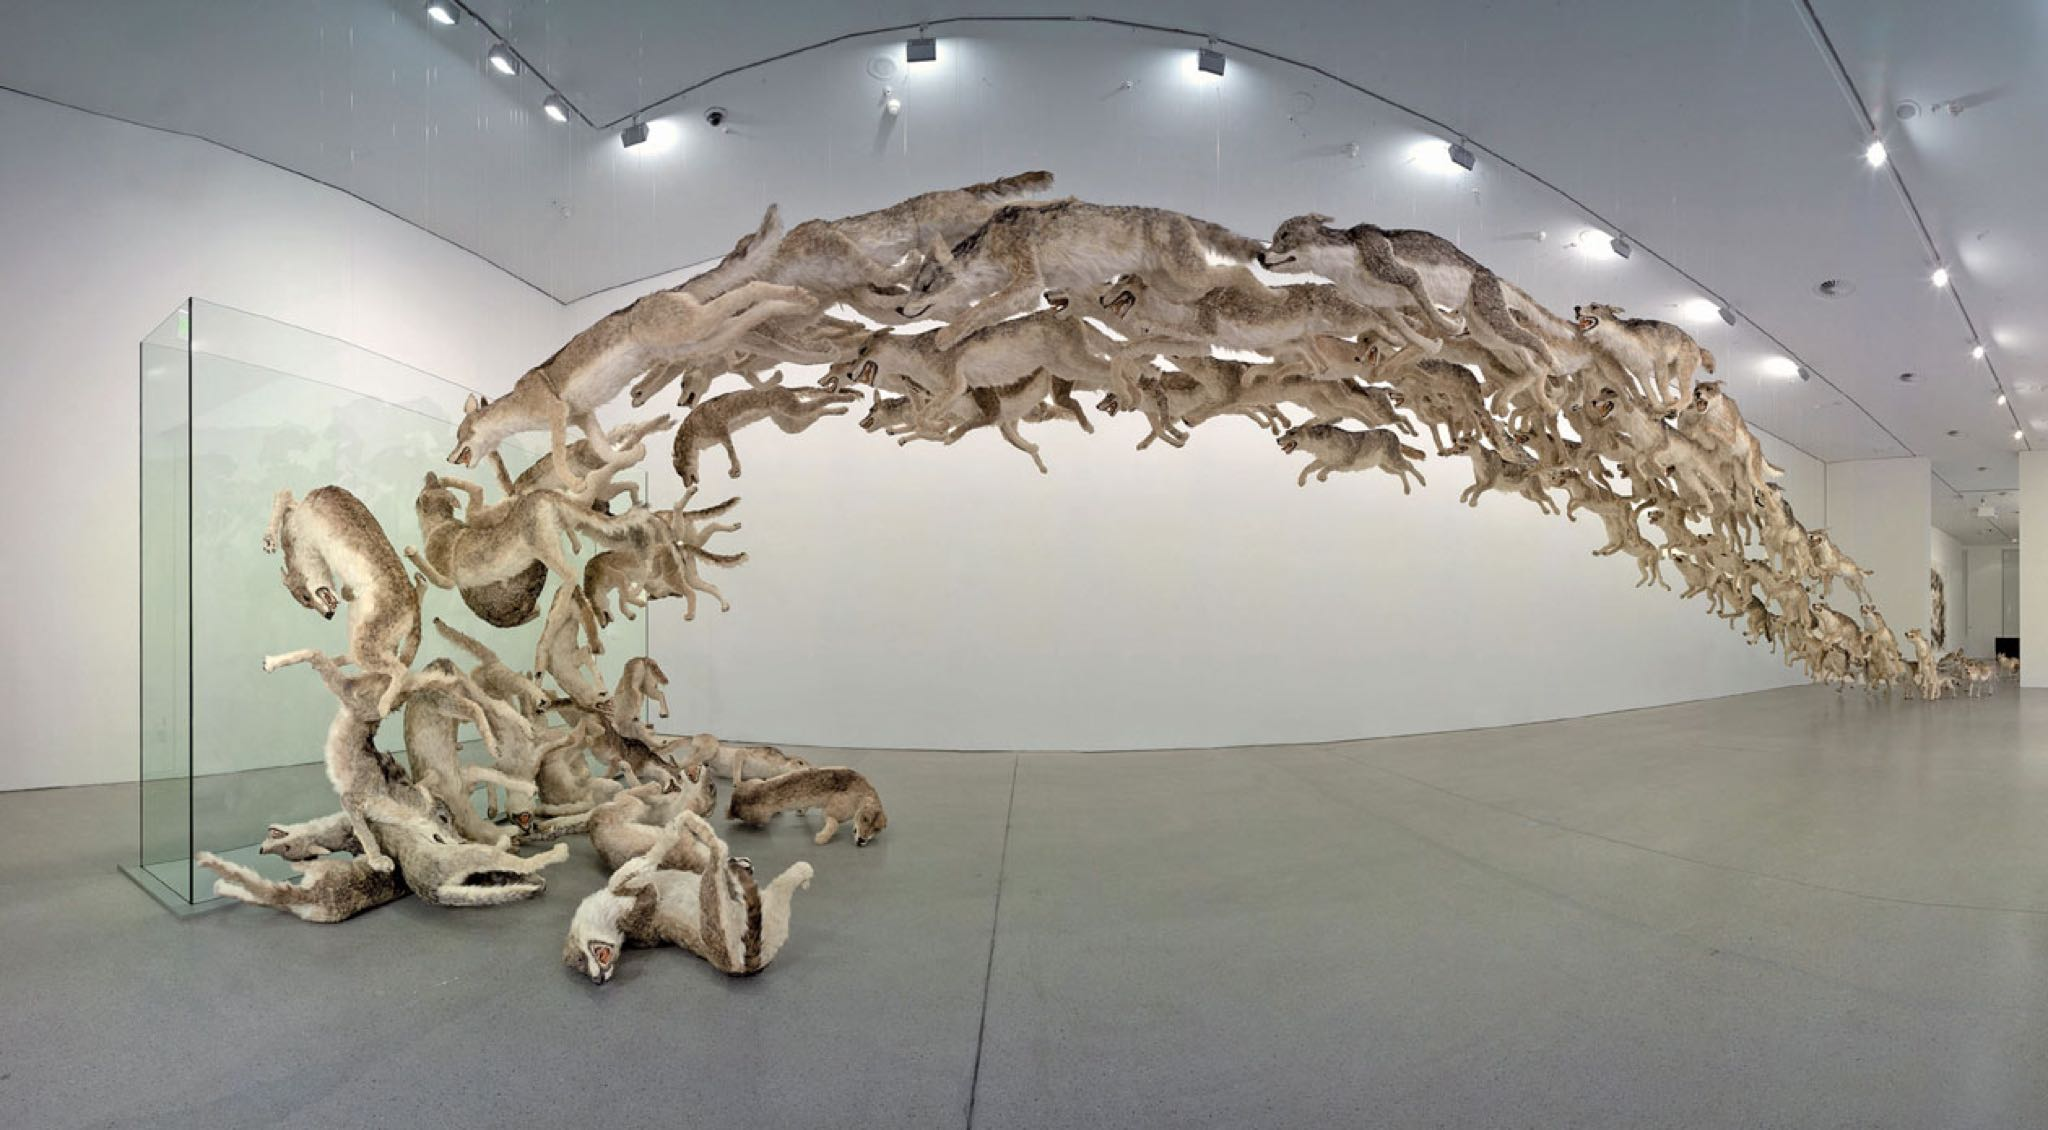 Head on- 999 reproducciones de lobos chocando contra un muro-Reflejo de la tendencia humana